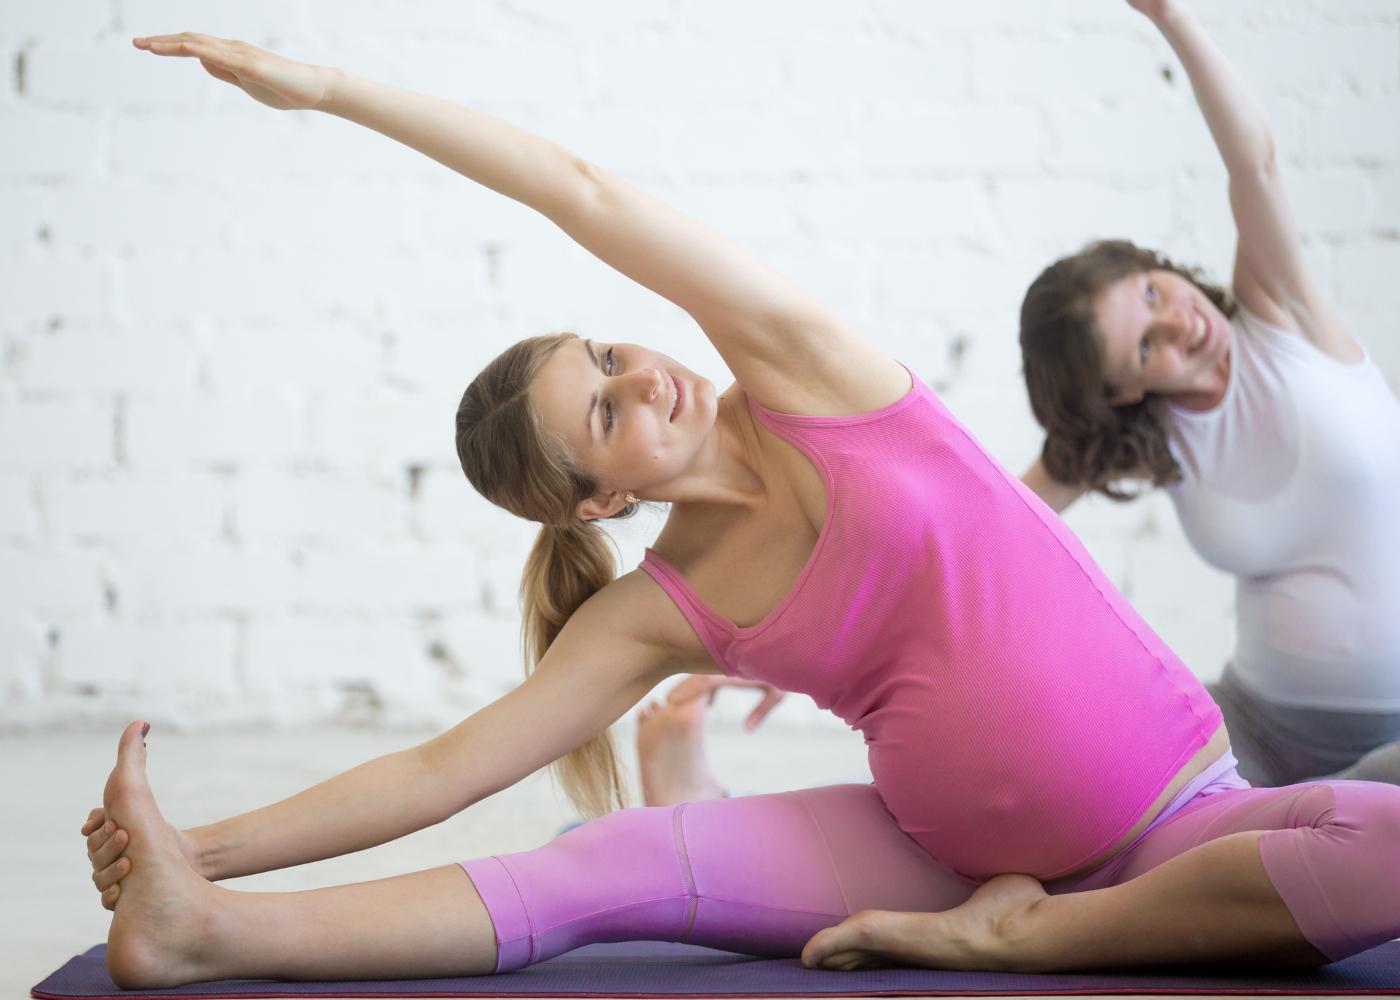 grávida a praticar pilates